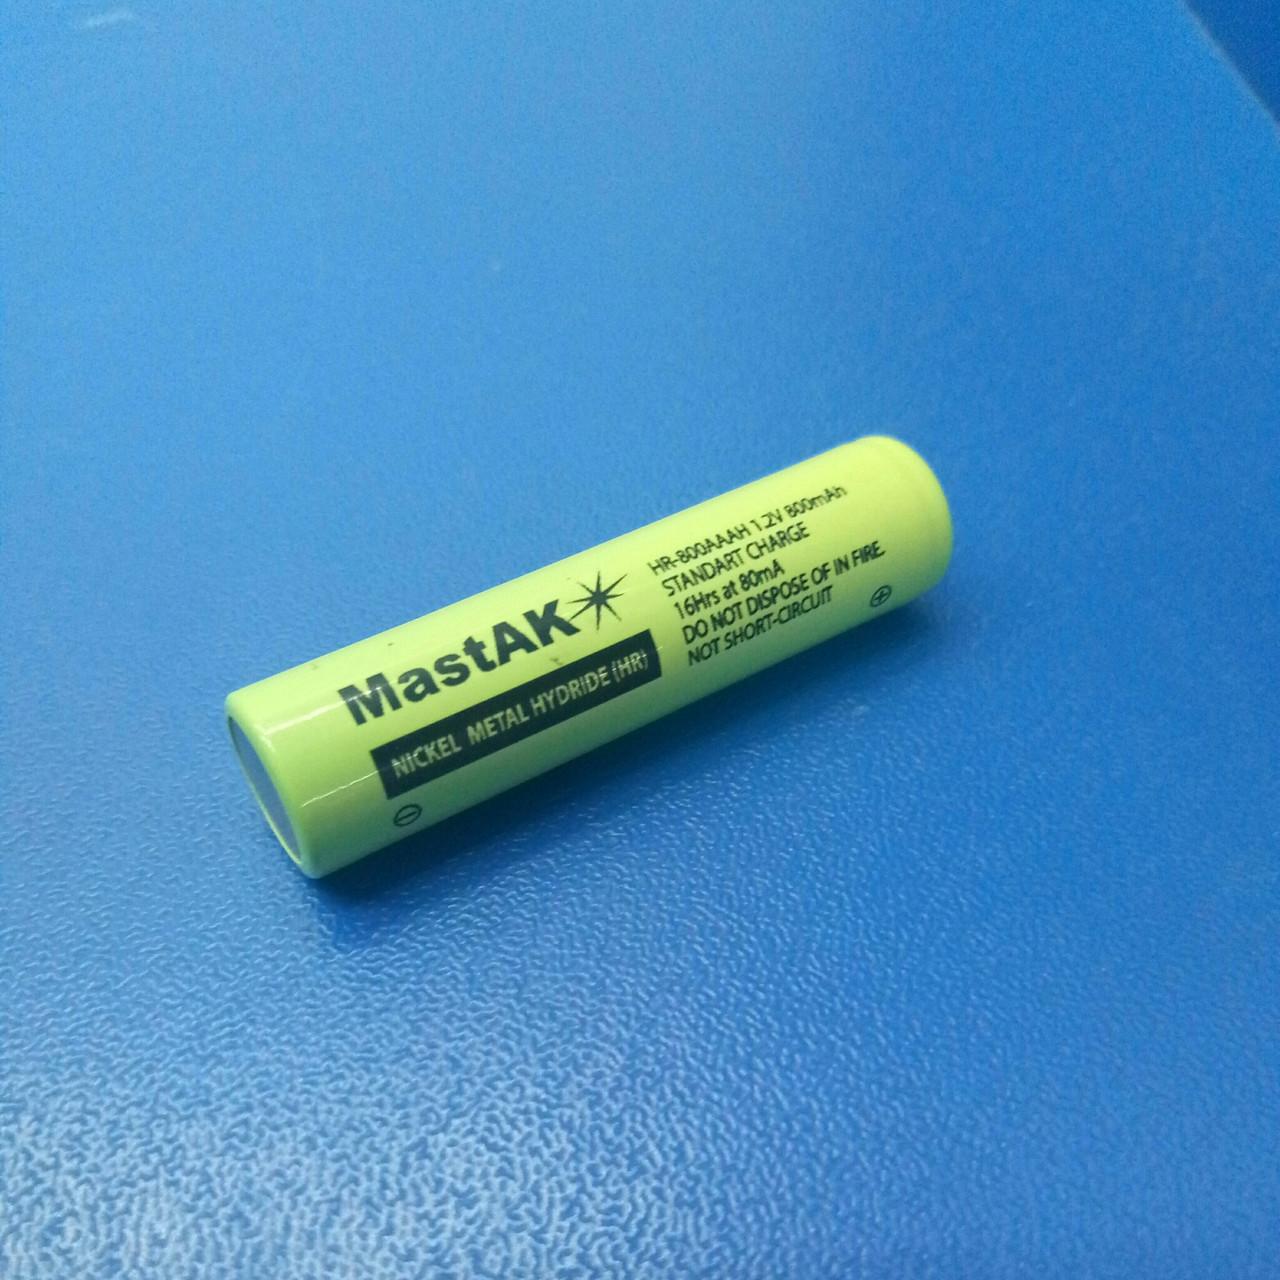 Аккумулятор технический MastAK HR-800 AAA ( 1,2V 800mAh MH )